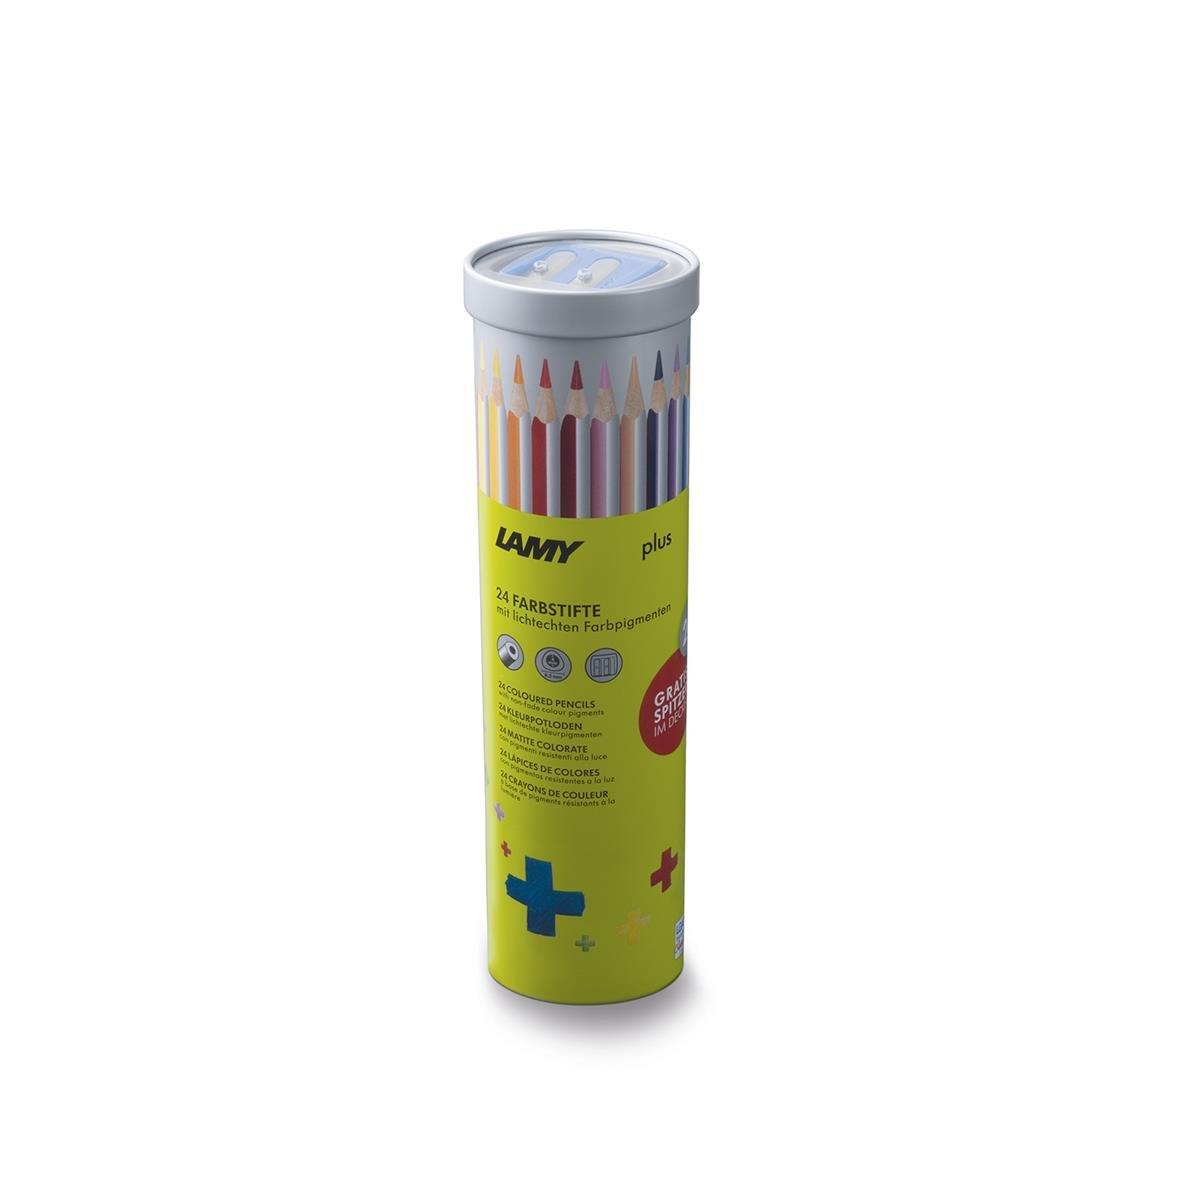 ラミー1231774色鉛筆、プラス瓶削り盤付きラウンドジャー B06XR2R4Q9